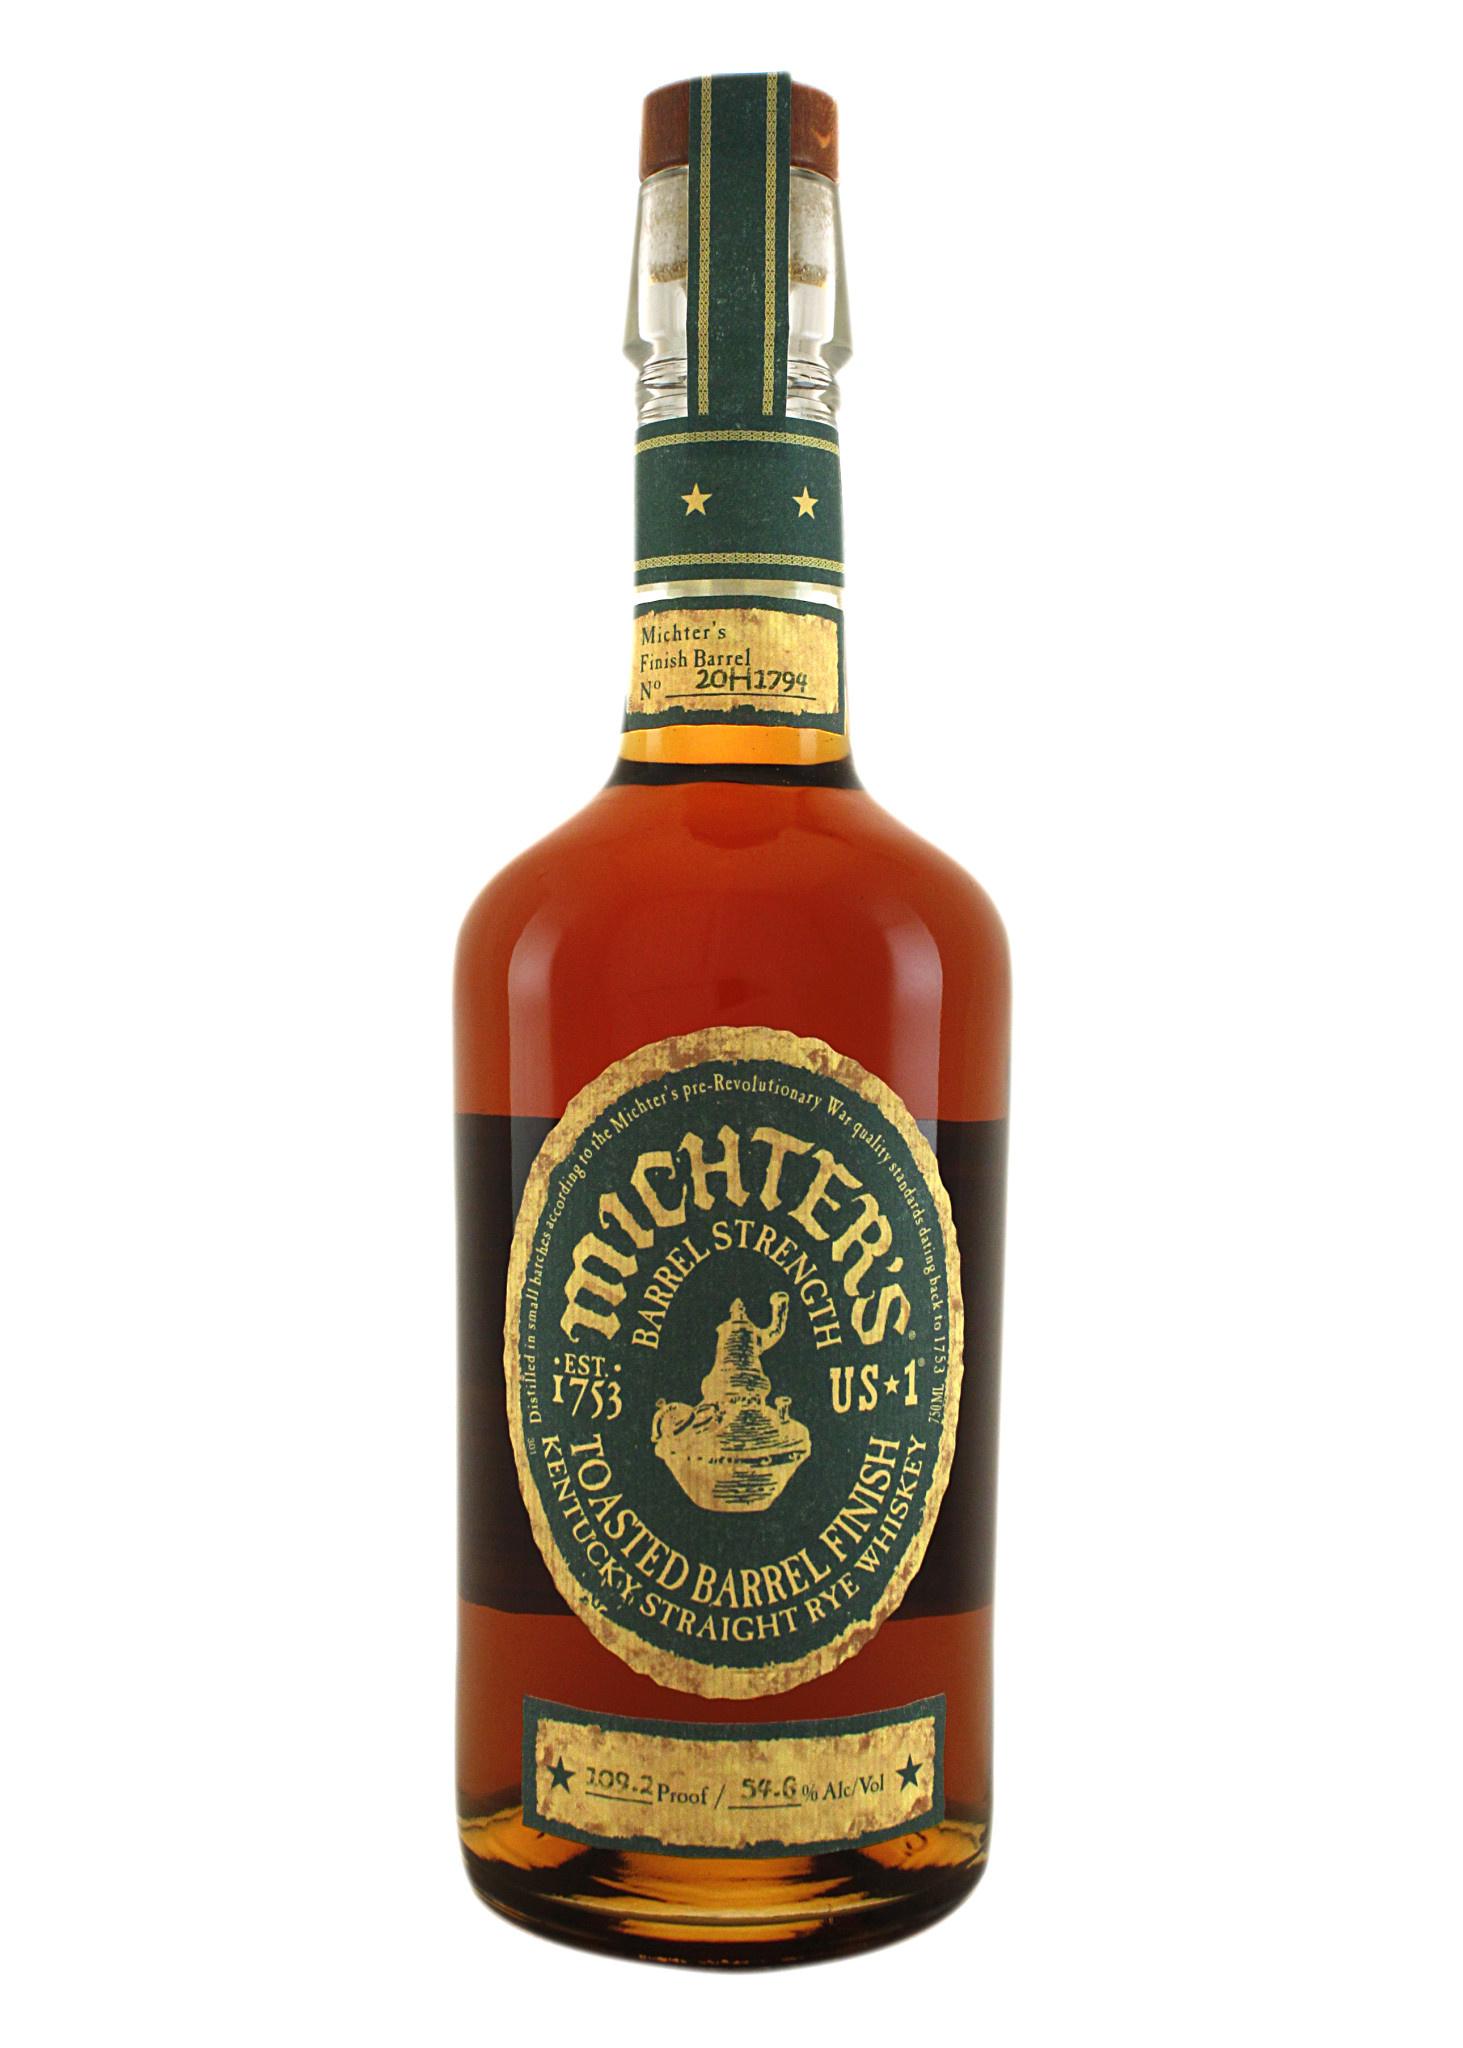 Michter's Toasted Barrel Kentucky Straight Rye Whiskey, Louisville, Kentucky